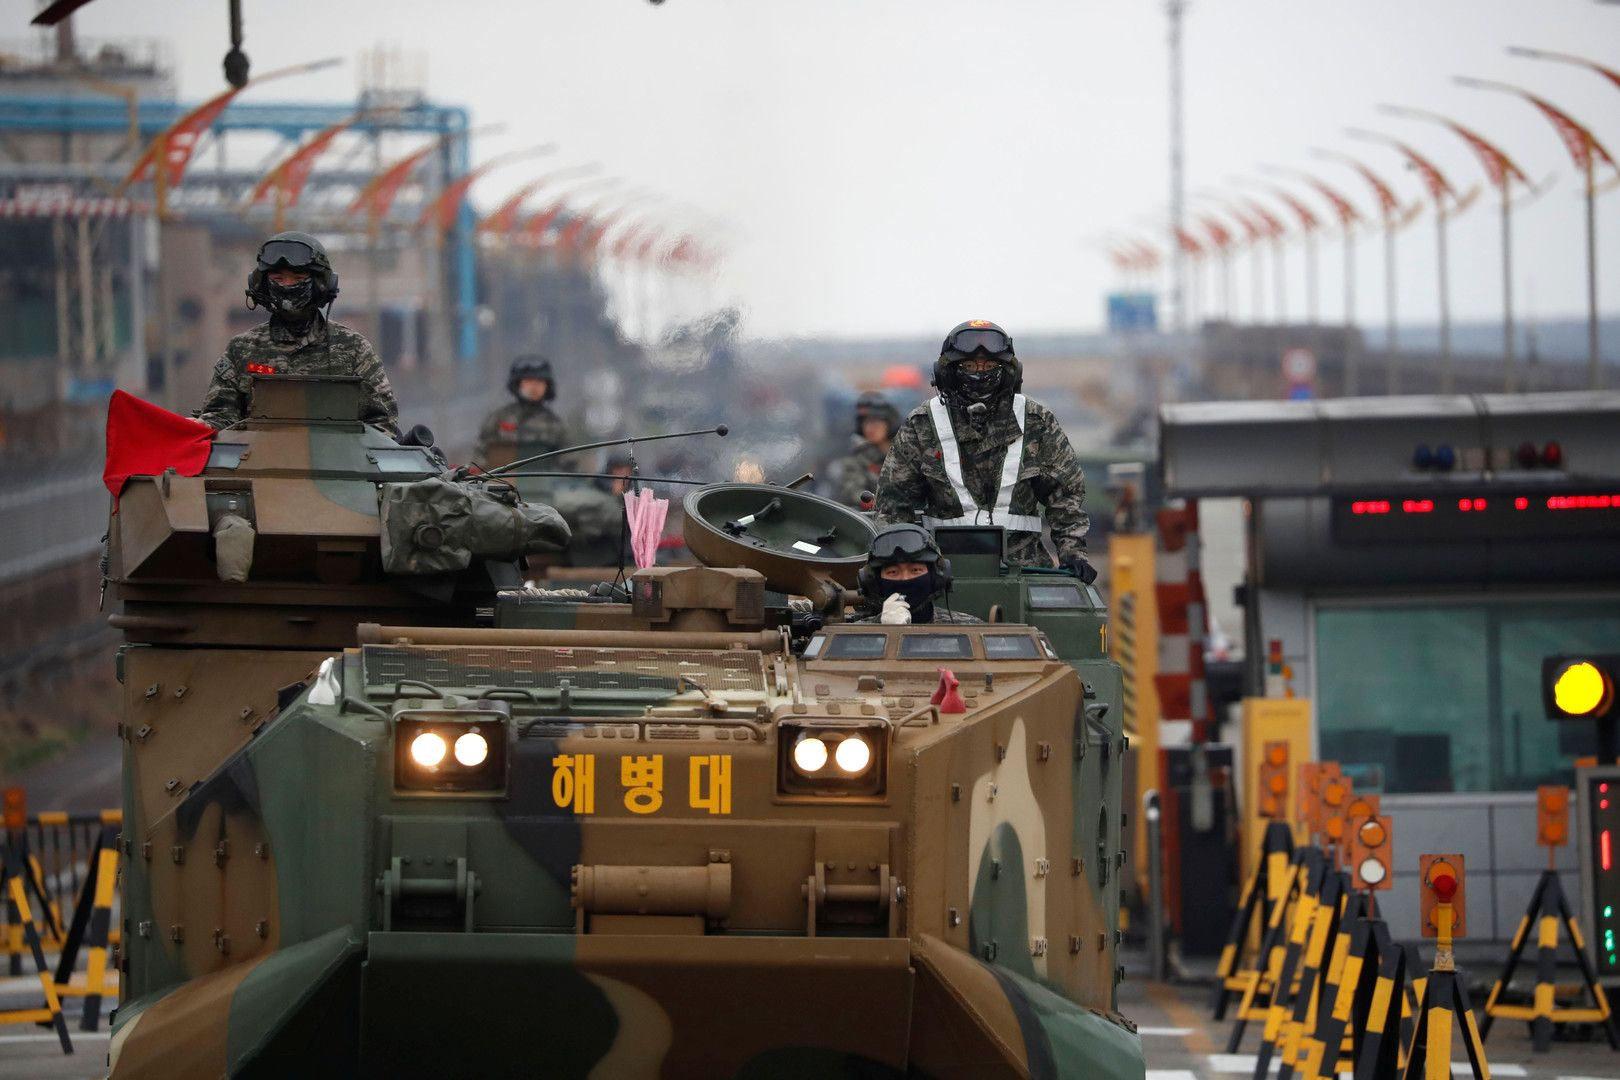 وكالة يونهاب للأنباء تكشف خطط واشنطن وسيئول لوقف مناوراتهما العسكرية